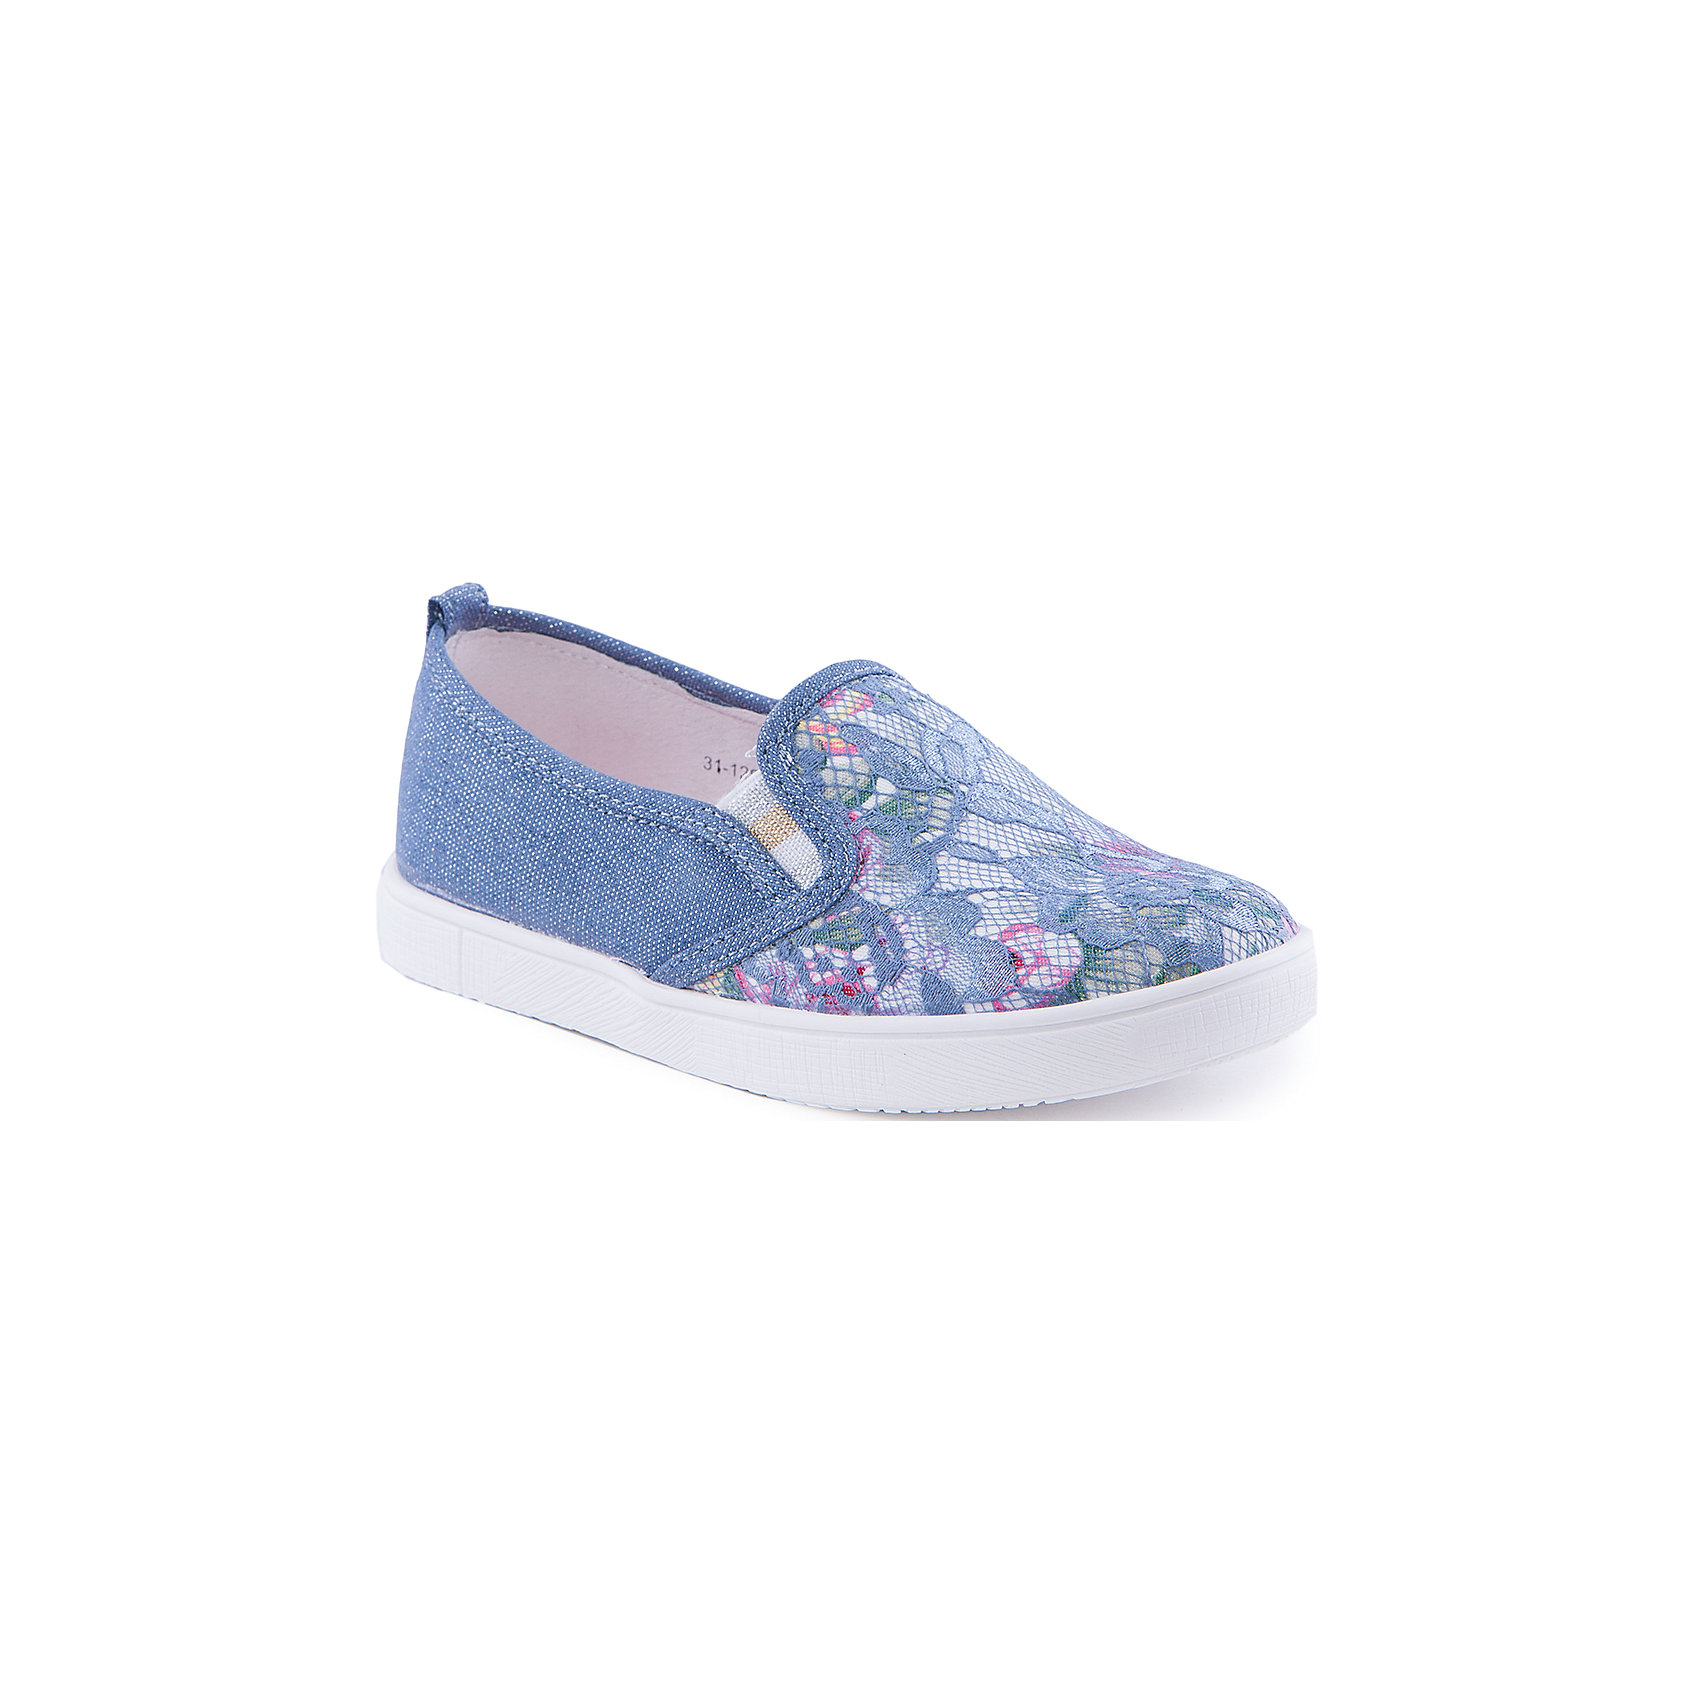 Мокасины для девочки Indigo kidsТуфли для девочки от известного бренда Indigo kids.<br><br>Легкие туфли - прекрасный вариант обуви для теплого сезона. Они нарядные и стильные, но в то же время очень удобные. Эту модель можно носить и с юбкой, и с шортами, и с джинсами. Такие туфли легко надеваются, комфортно садятся по ноге. <br><br>Особенности модели:<br><br>- цвет: синий;<br>- стильный дизайн;<br>- удобная колодка;<br>- подкладка из натуральной кожи;<br>- передняя часть изделия декорирована кружевом и цветочным принтом;<br>- задняя часть -  блестящая;<br>- белая нескользящая подошва;<br>- без застежек.<br><br>Дополнительная информация:<br><br>Состав:<br><br>верх – текстиль;<br>подкладка - натуральная кожа;<br>подошва - ТЭП.<br><br>Туфли для девочки Indigo kids (Индиго Кидс) можно купить в нашем магазине.<br><br>Ширина мм: 227<br>Глубина мм: 145<br>Высота мм: 124<br>Вес г: 325<br>Цвет: синий<br>Возраст от месяцев: 120<br>Возраст до месяцев: 132<br>Пол: Женский<br>Возраст: Детский<br>Размер: 34,32,33,31,36,35<br>SKU: 4519880